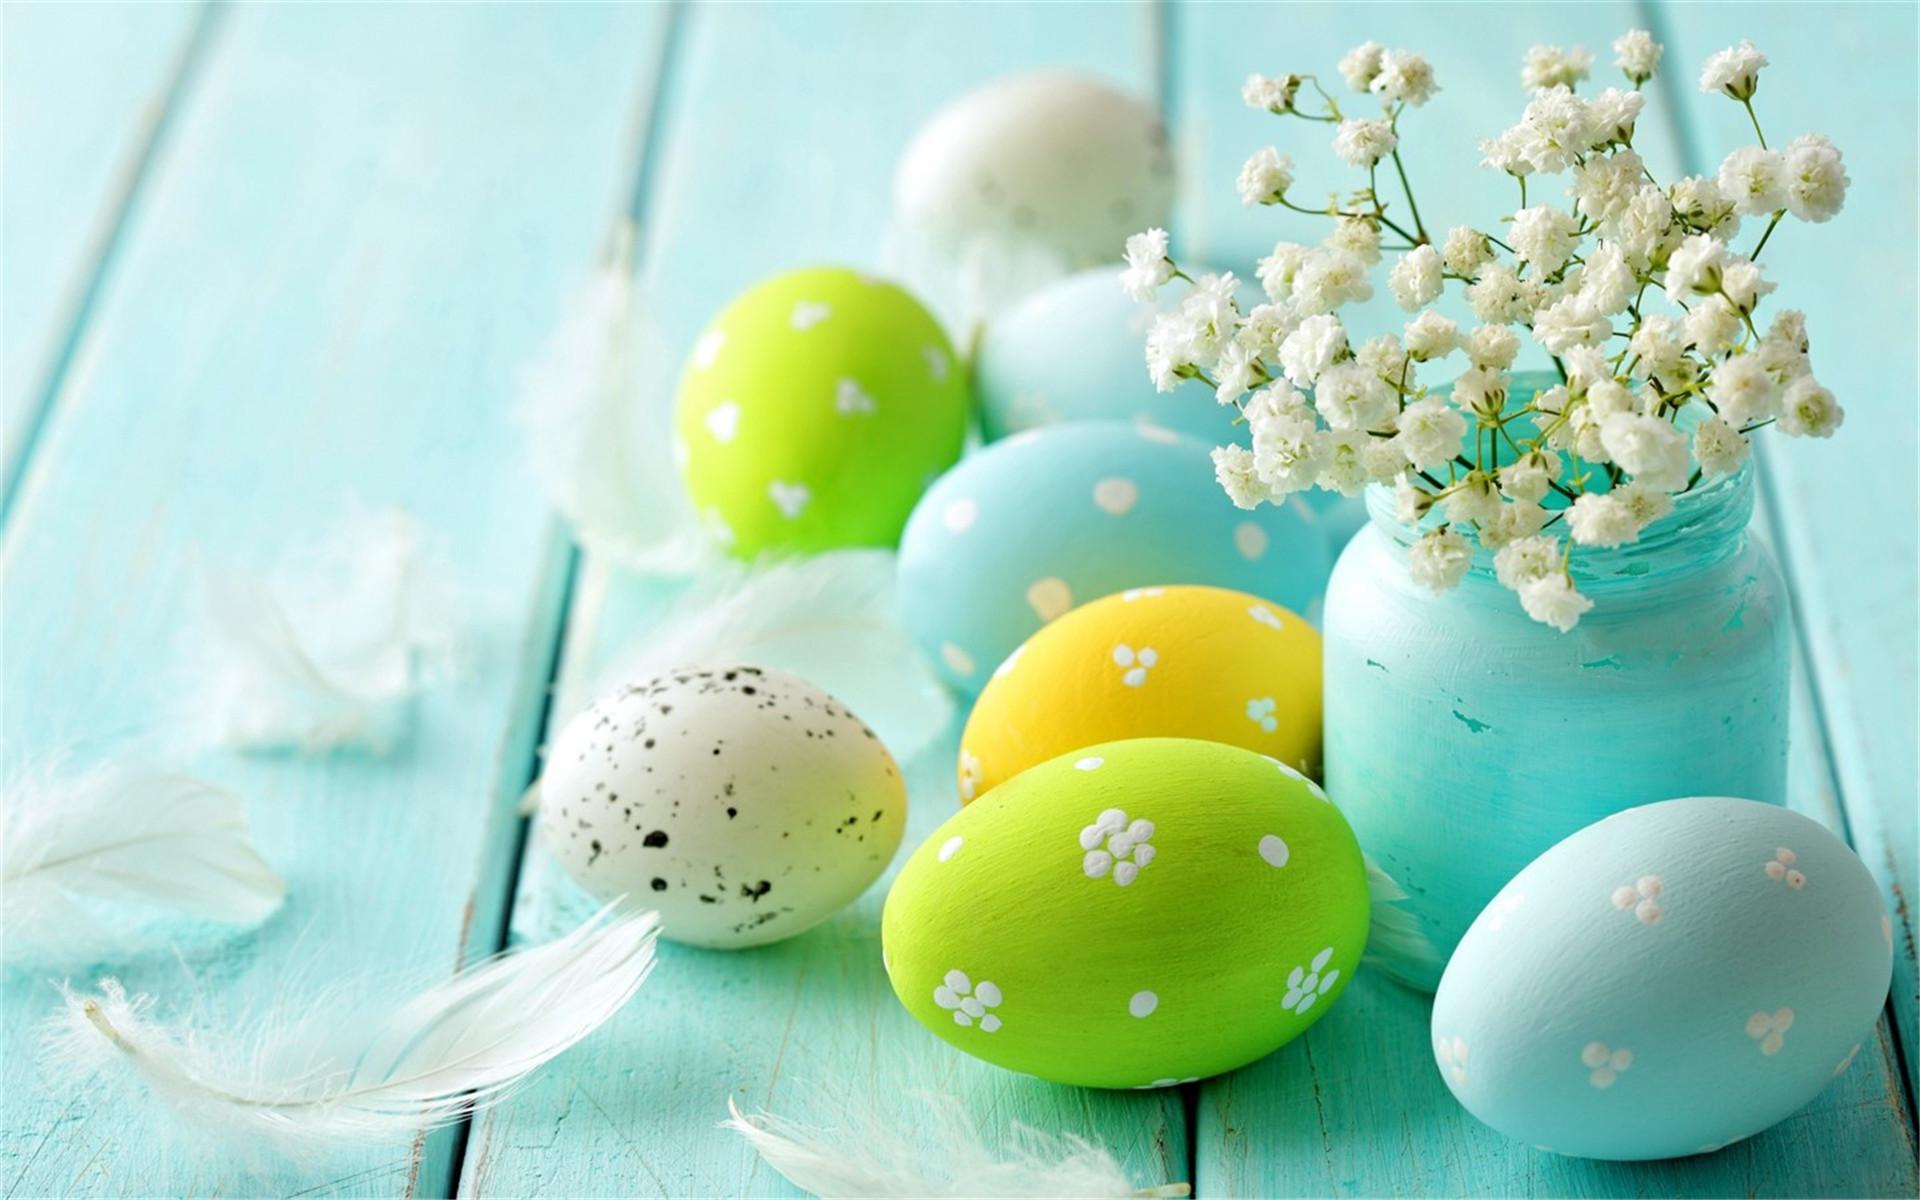 小清新静物高清彩蛋PPT背景图片免费下载是由PPT宝藏(www.pptbz.com)会员zengmin上传推荐的简约PPT背景图片, 更新时间为2017-01-21,素材编号120489。 在国外很多地方,每年春分过后,第一次月圆后的第一个星期日就是复活节。许多西方人小时候会在当天玩一种找彩蛋的游戏,而彩蛋里面也会藏一些小礼物,找到彩蛋的人会很兴奋,所以彩蛋是复活节最典型的象征,代表了惊喜与另藏玄机。 英国大部分节日都起源于宗教。复活节发生在过了春分月圆后的第一个星期日,原是纪念西亚异教神明巴力的同